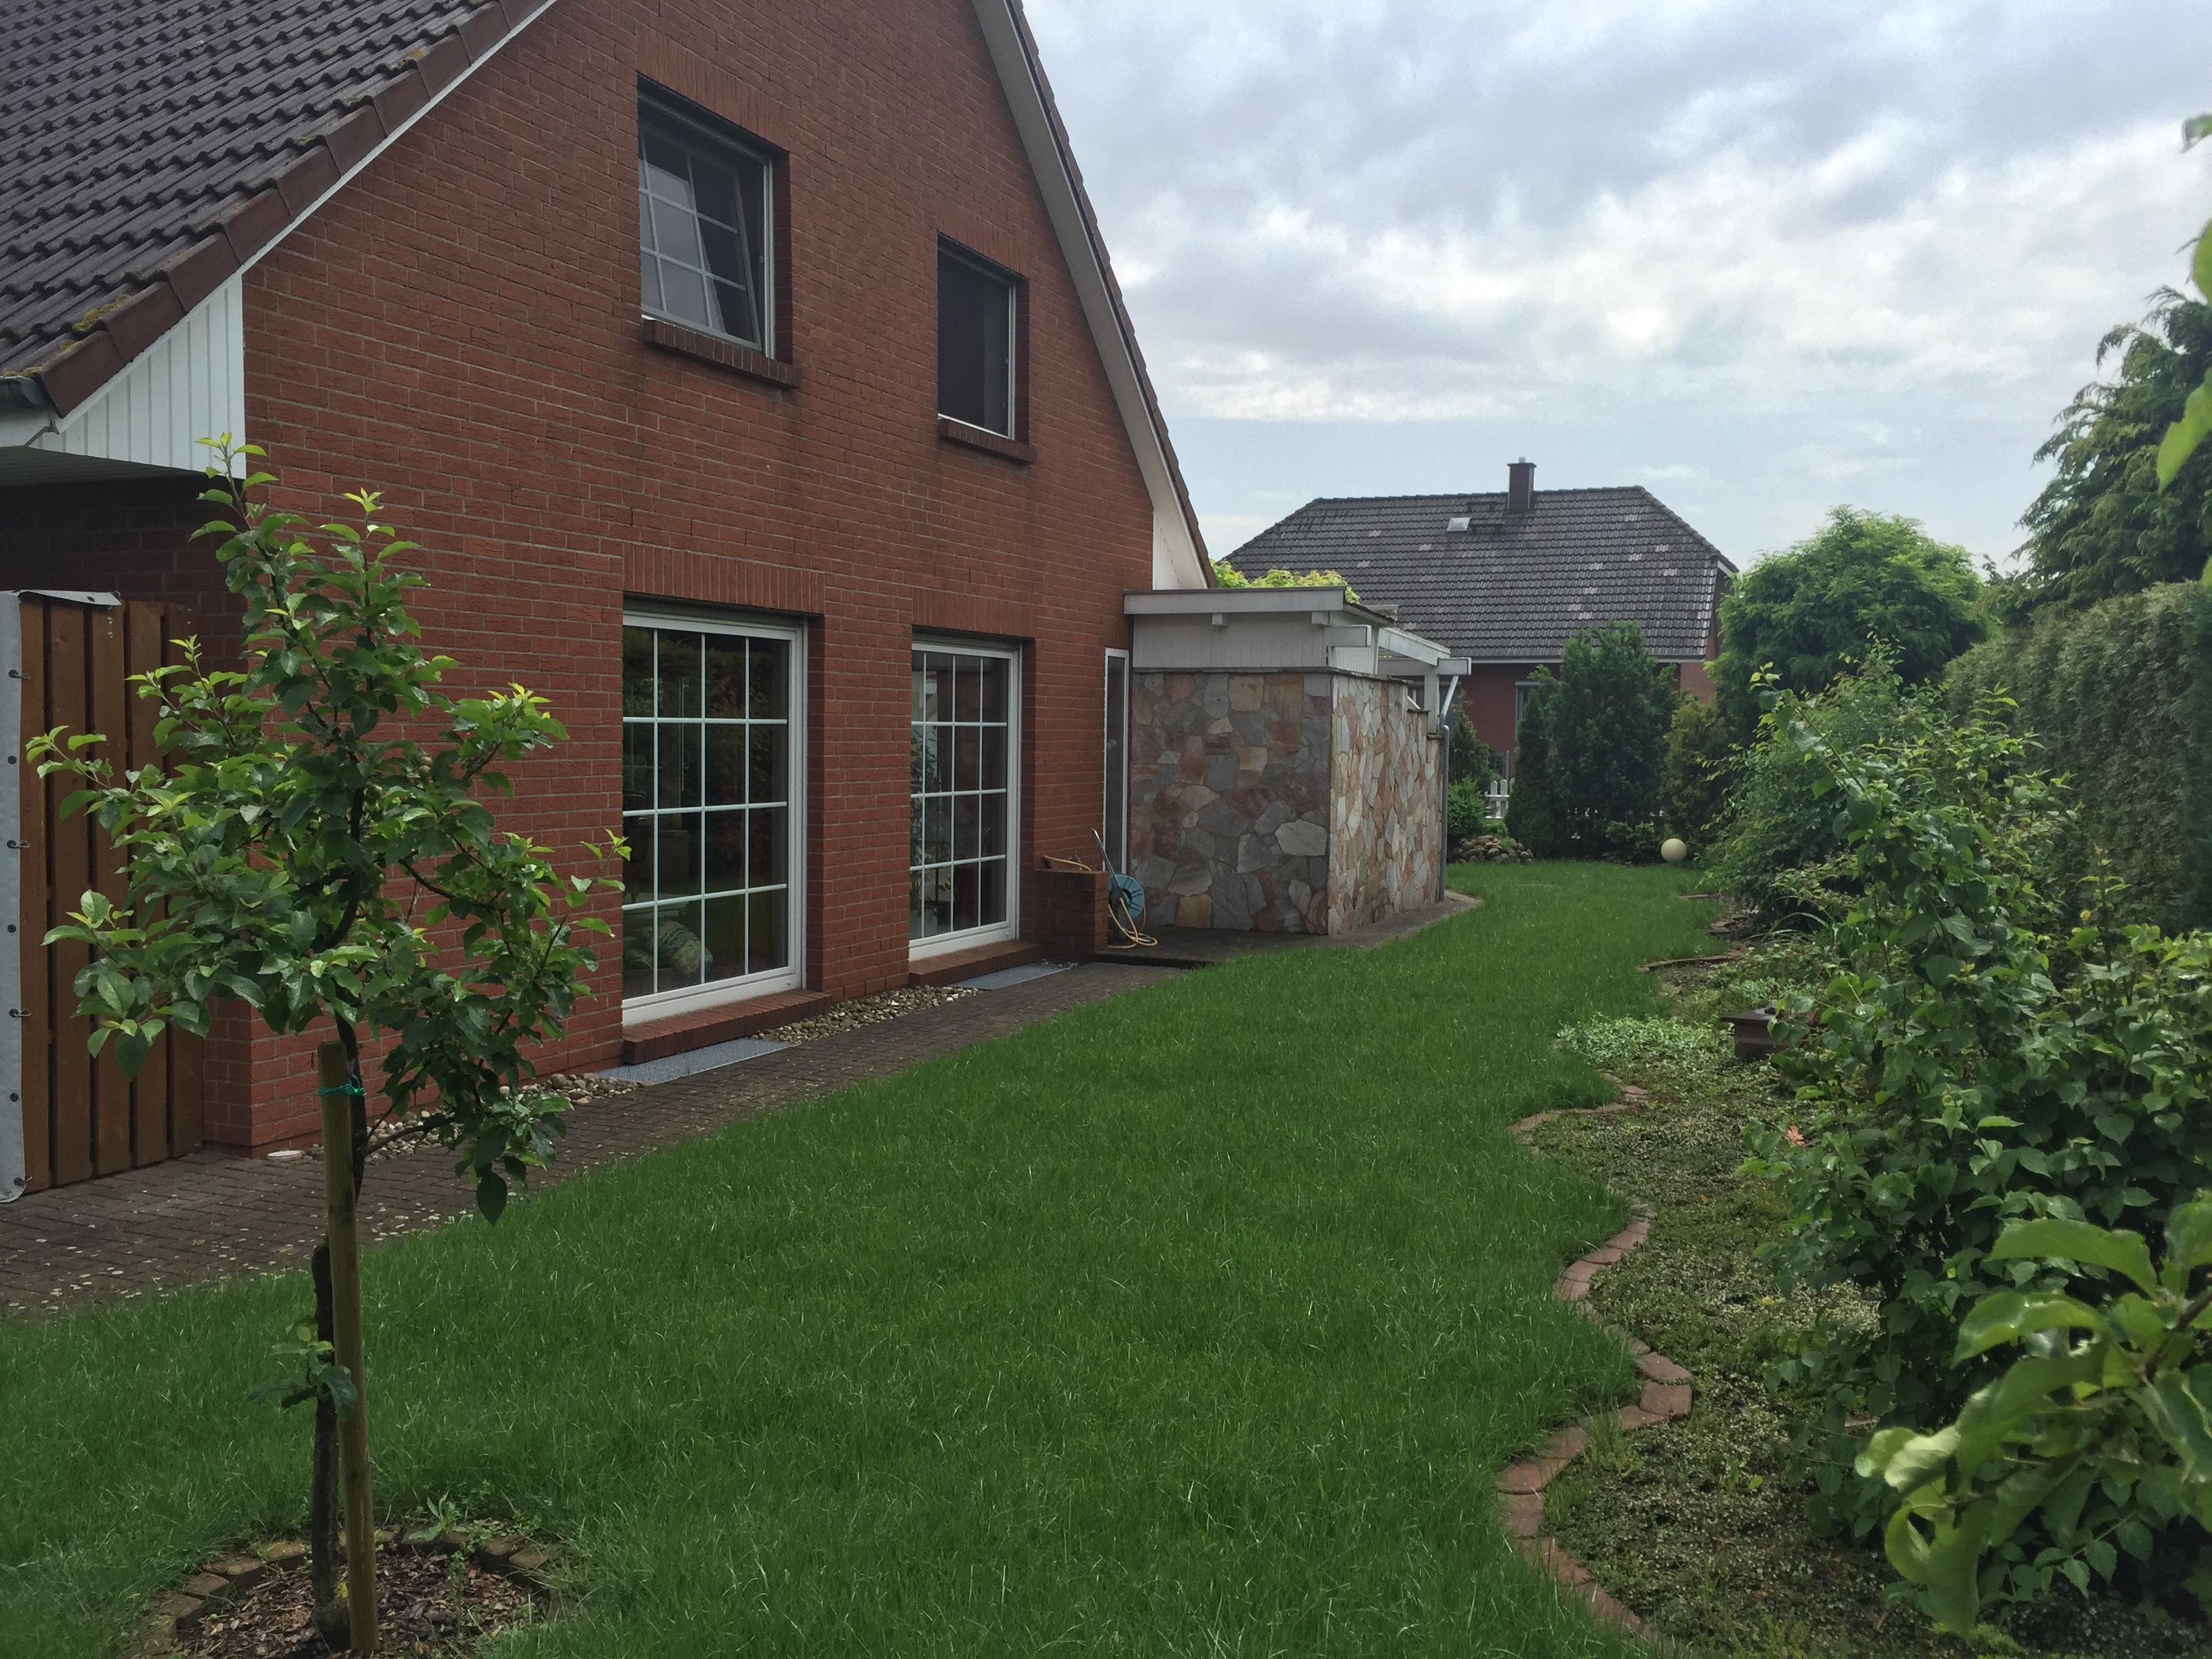 Blick auf den Garten mit großen Wohnzimmerfenstern